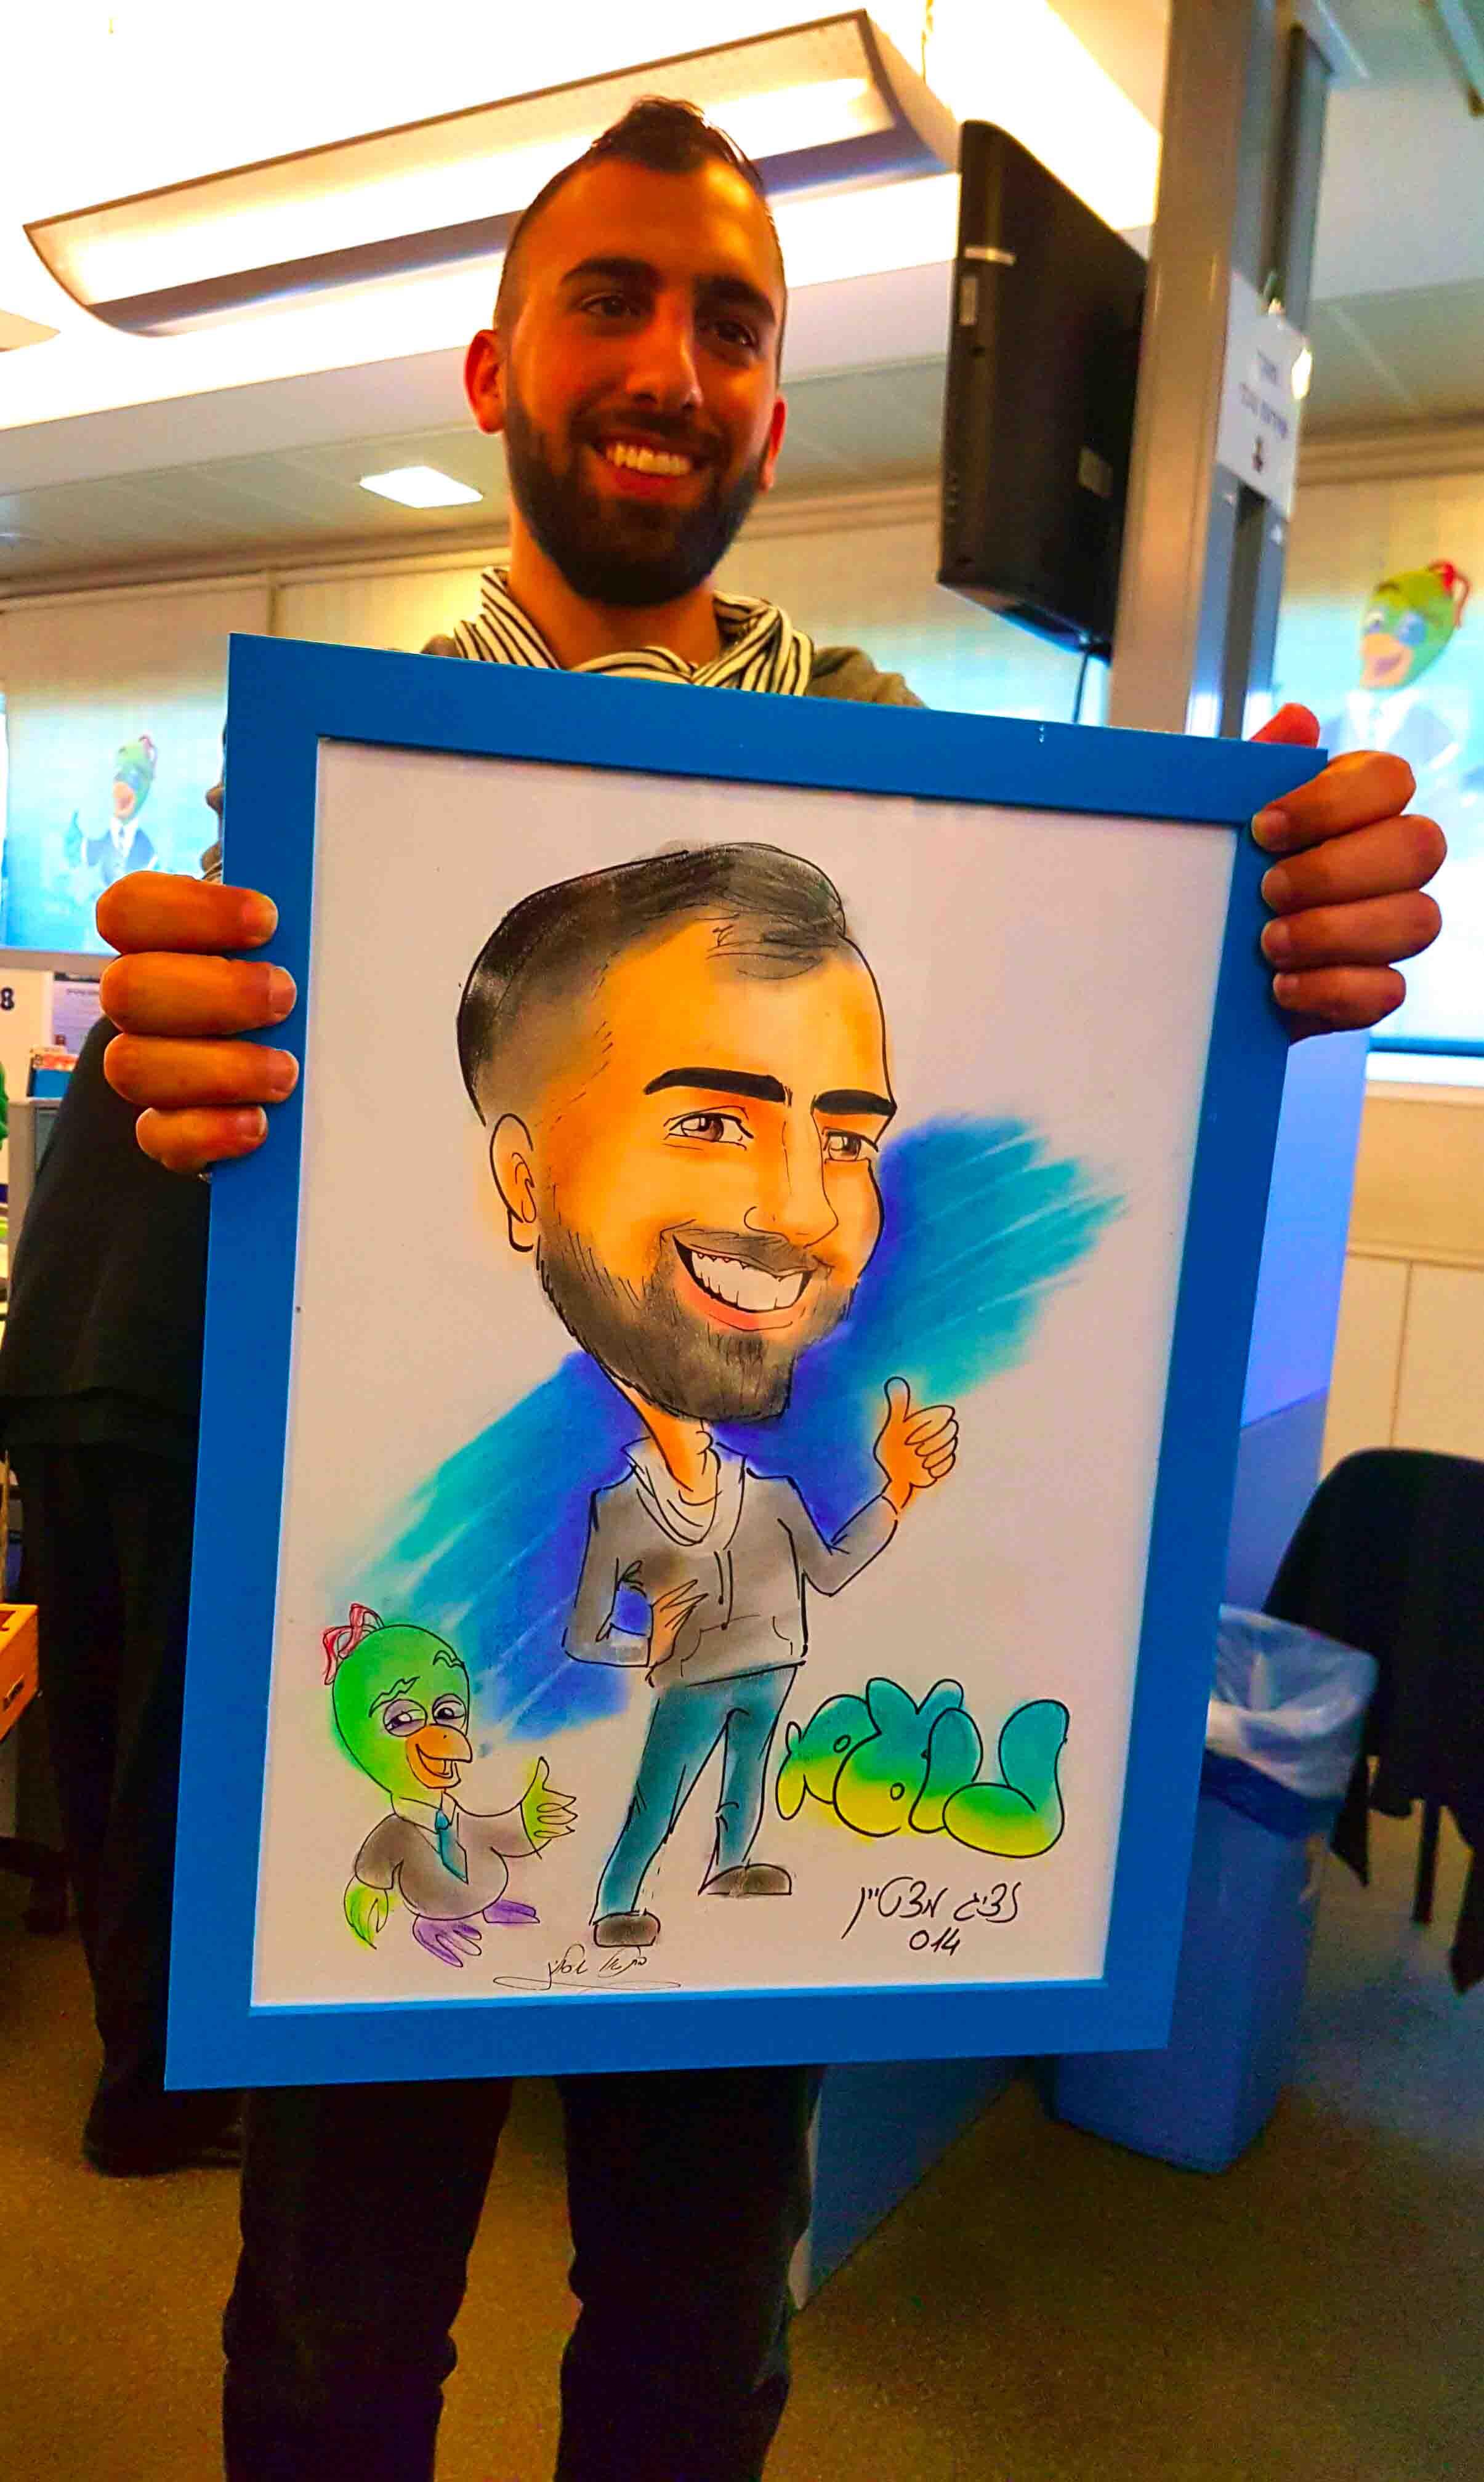 ציורי קריקטורות כמתנה ומזכרת לחגים לעובדי חברת בזק בינלאומי, ובנוסף גם אטרקציית קריקטורות מעניינת באירועי החגים